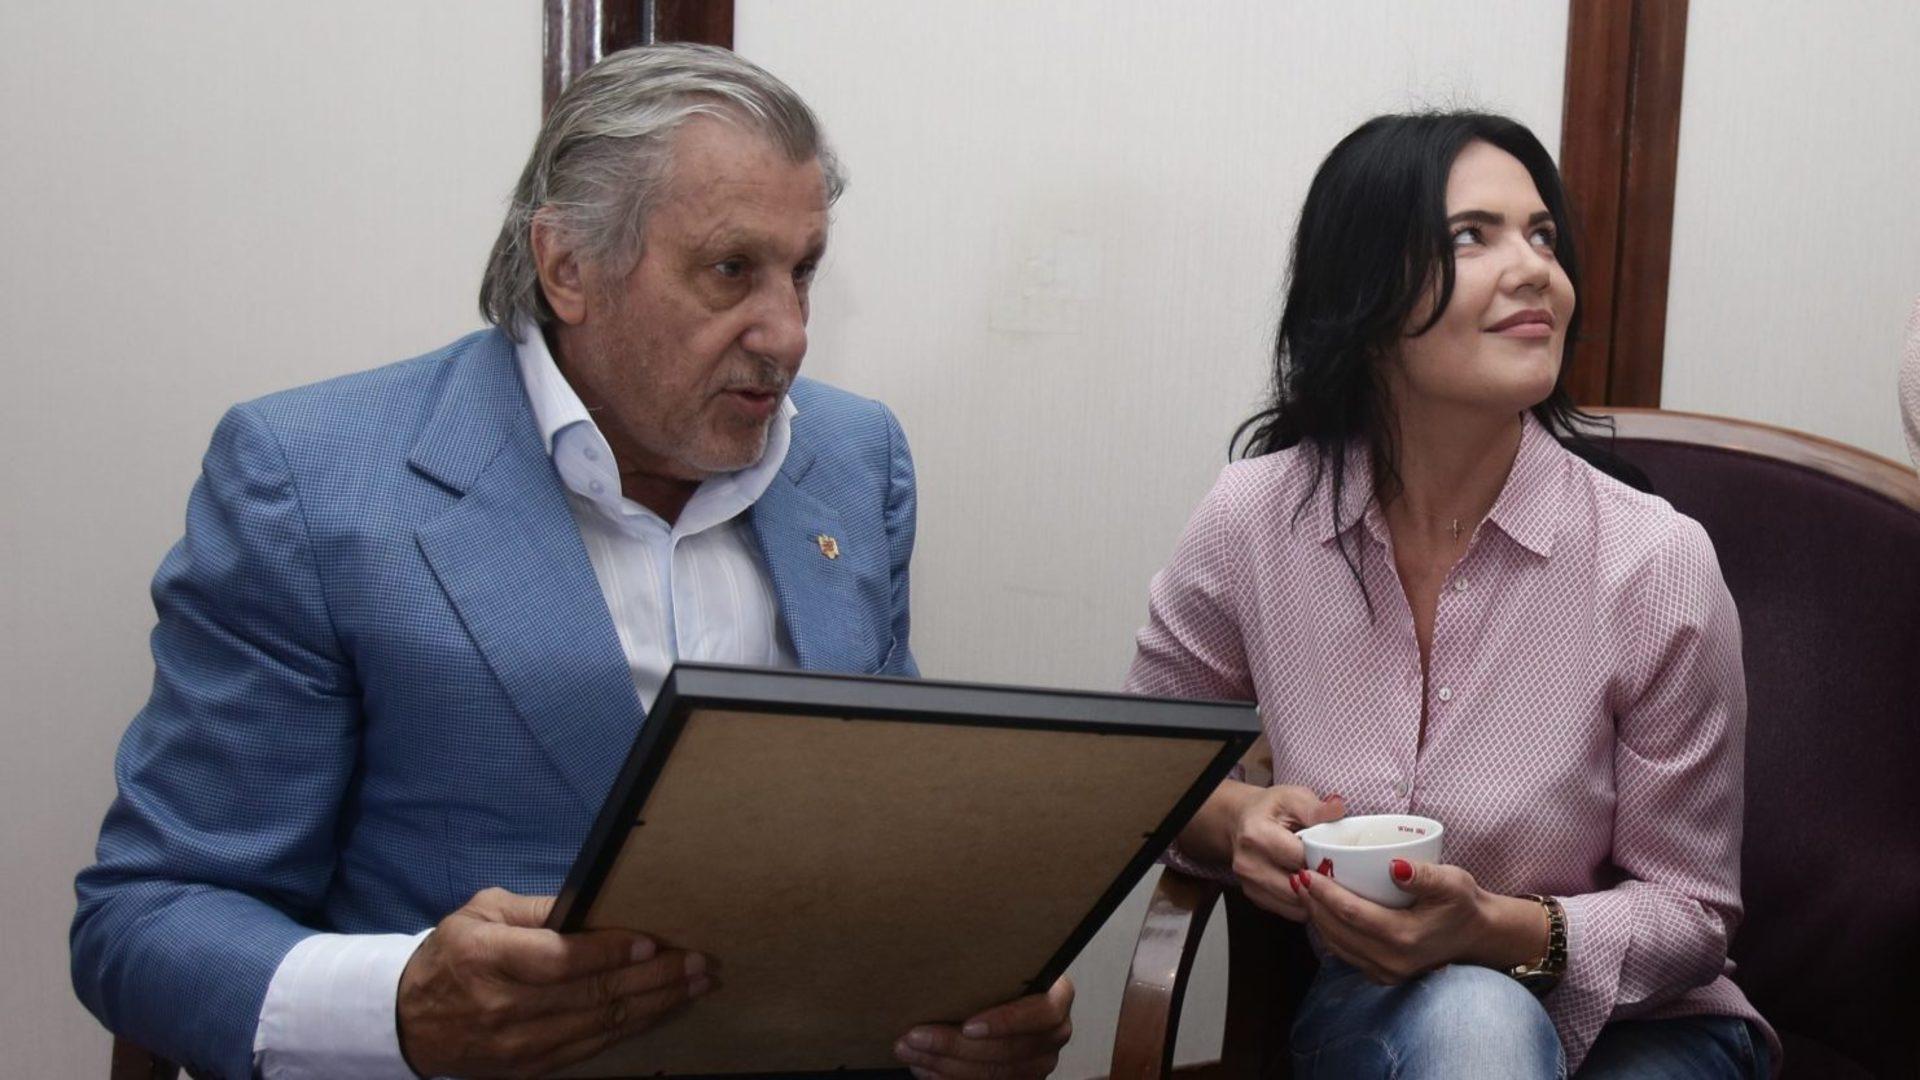 Soția lui Ilie Năstase, decizie radicală. Vrea să șteargă toate urmele din trecutul tenismenului